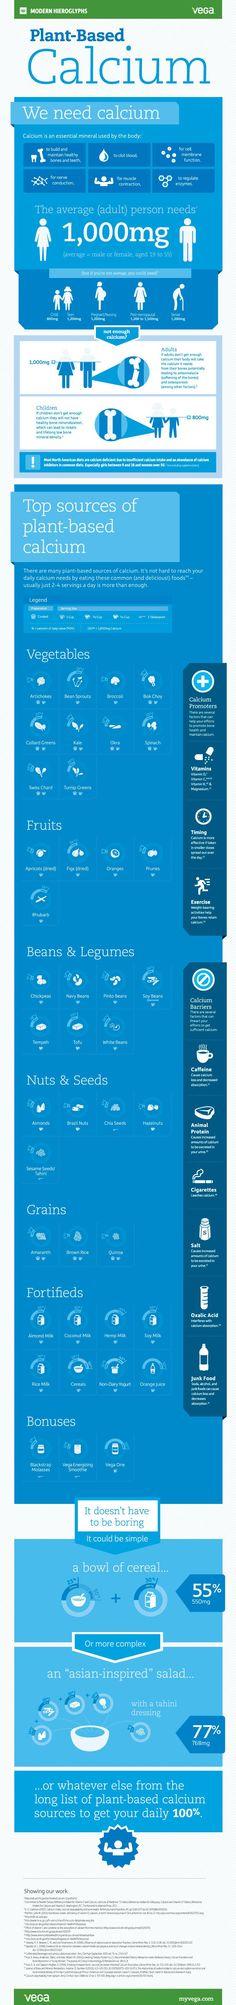 Plant-based calcium #infographic #vegan